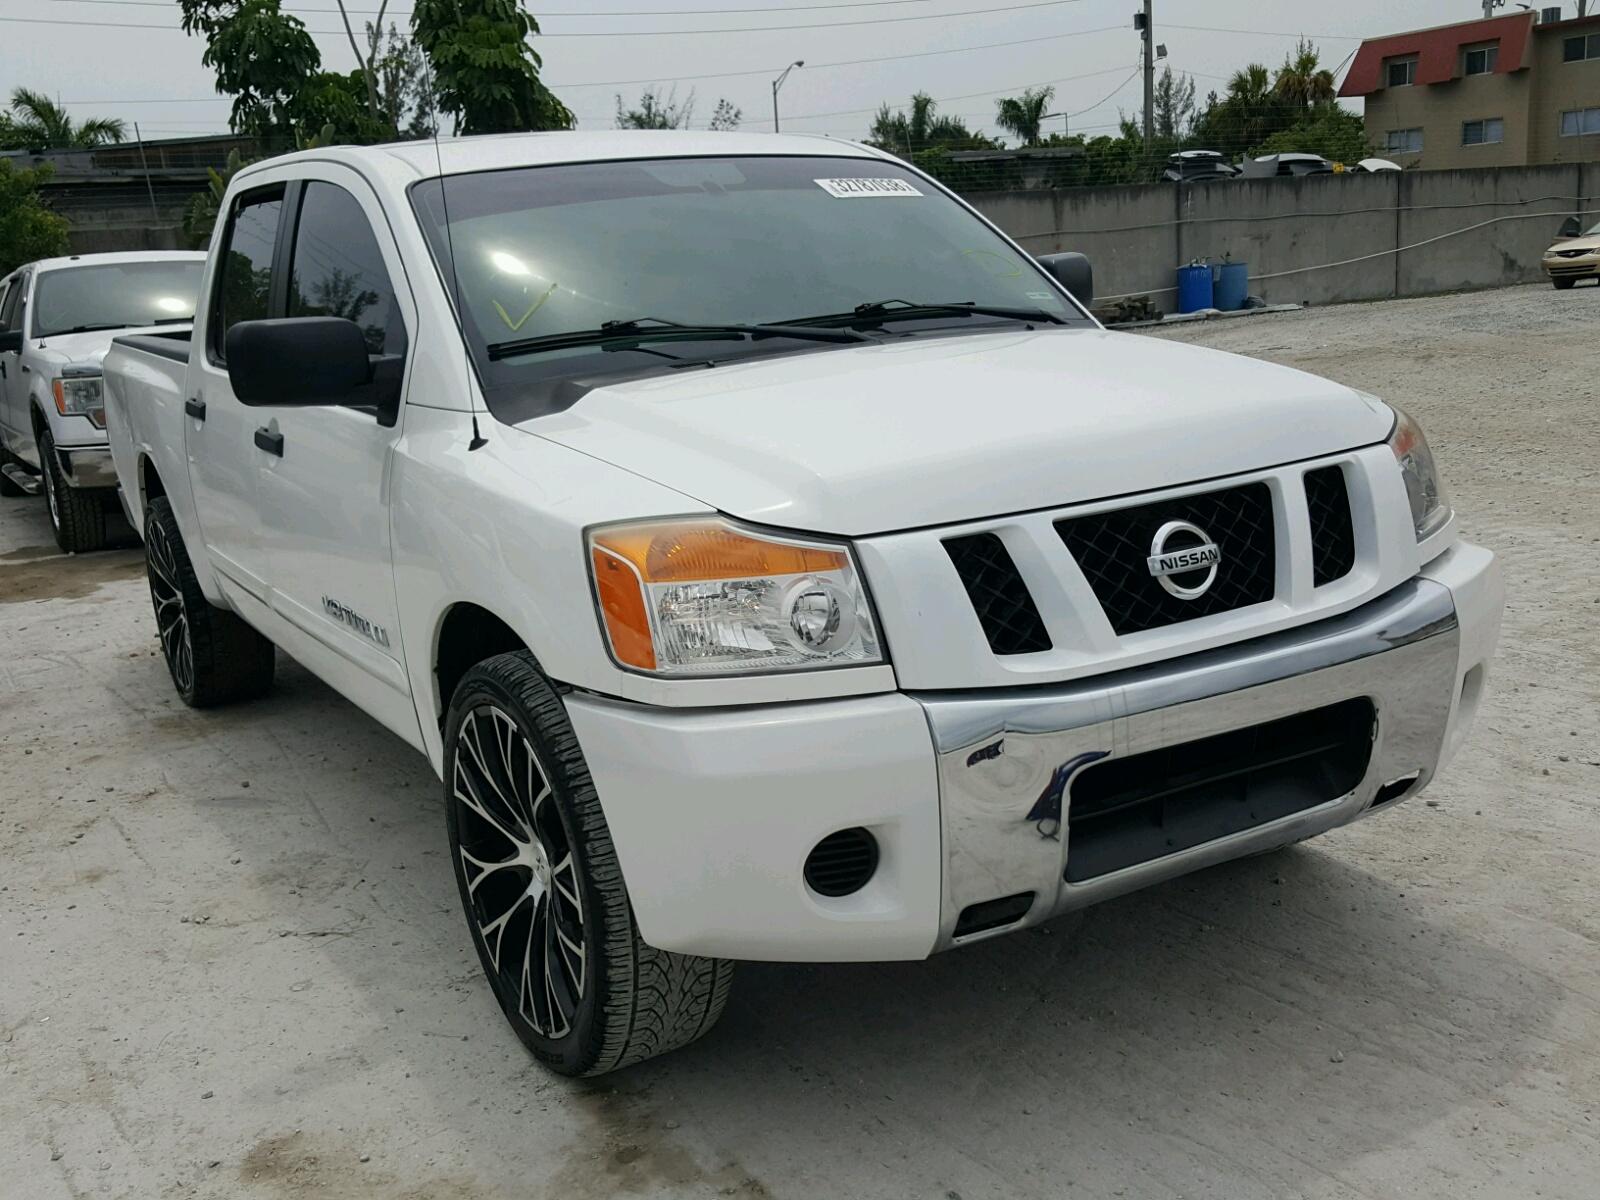 Buy Damaged Car In Miami